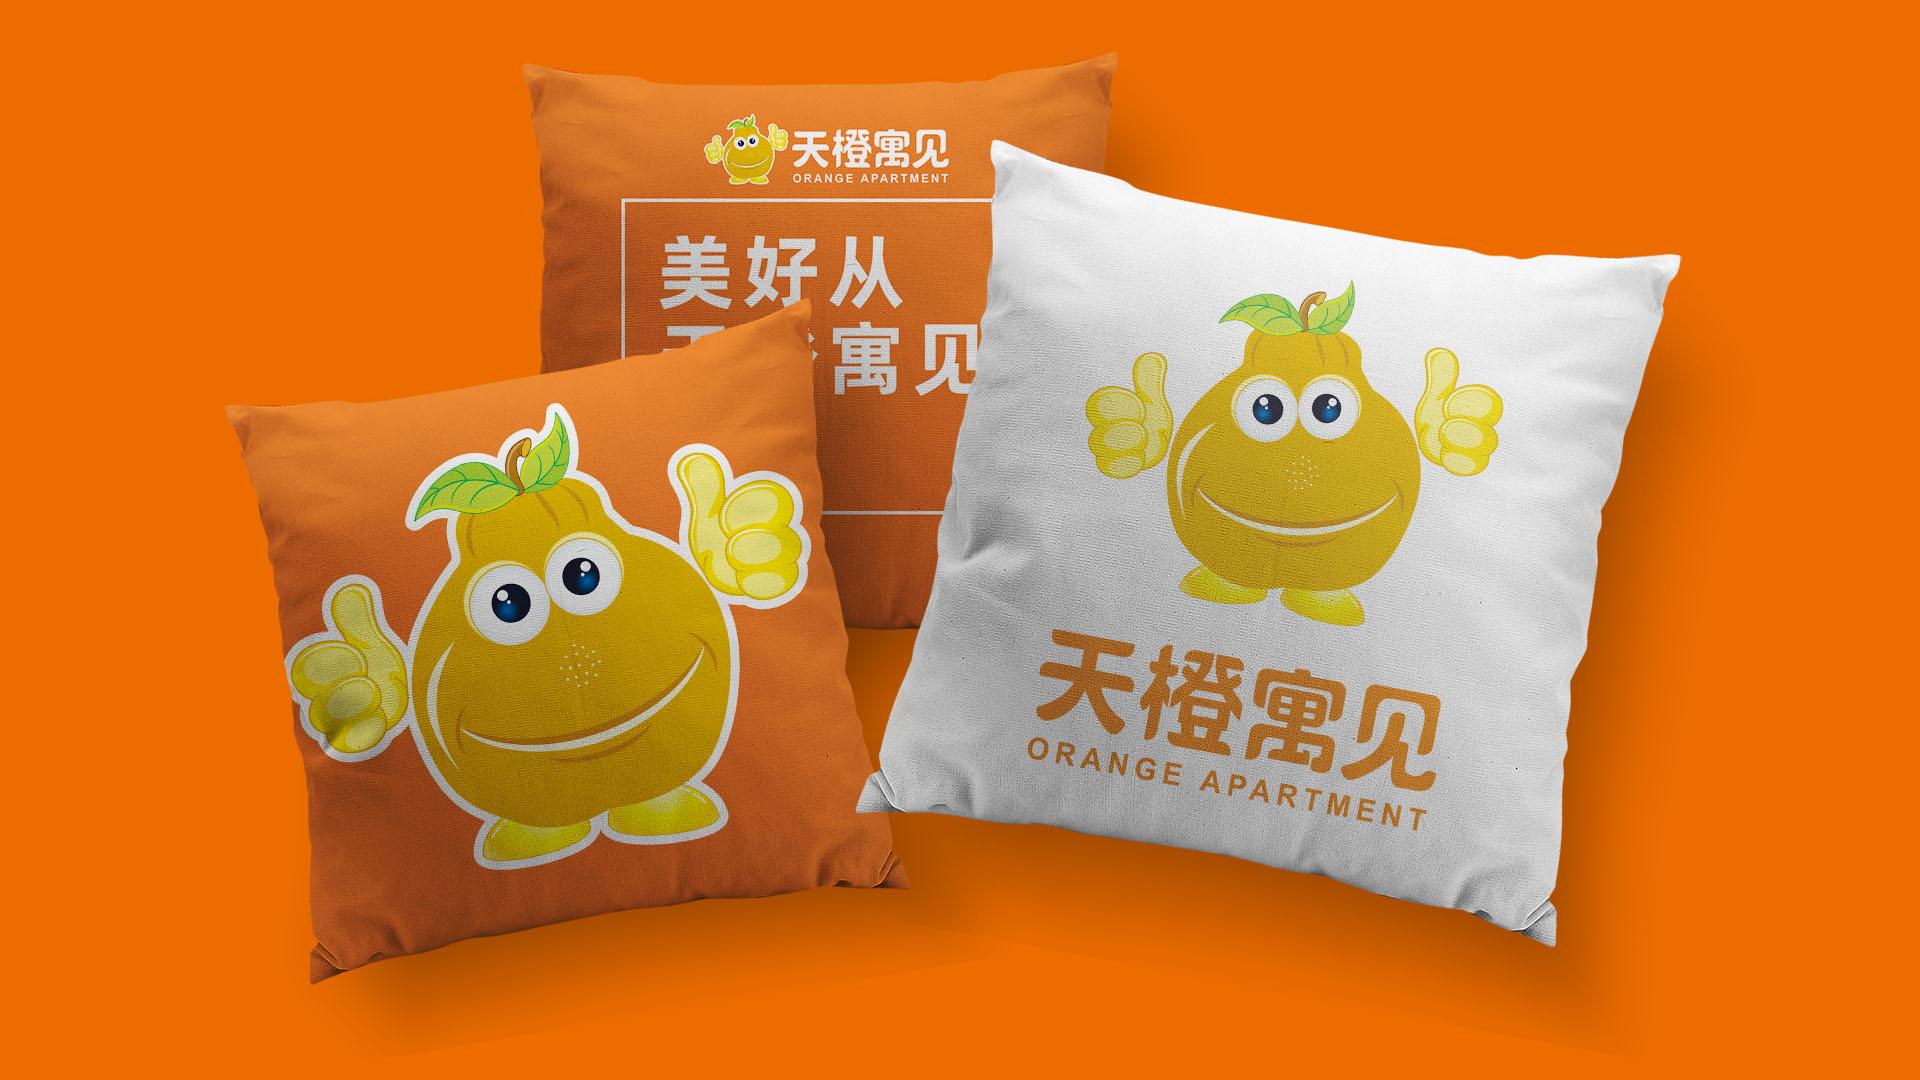 武汉公寓民宿品牌策划设计